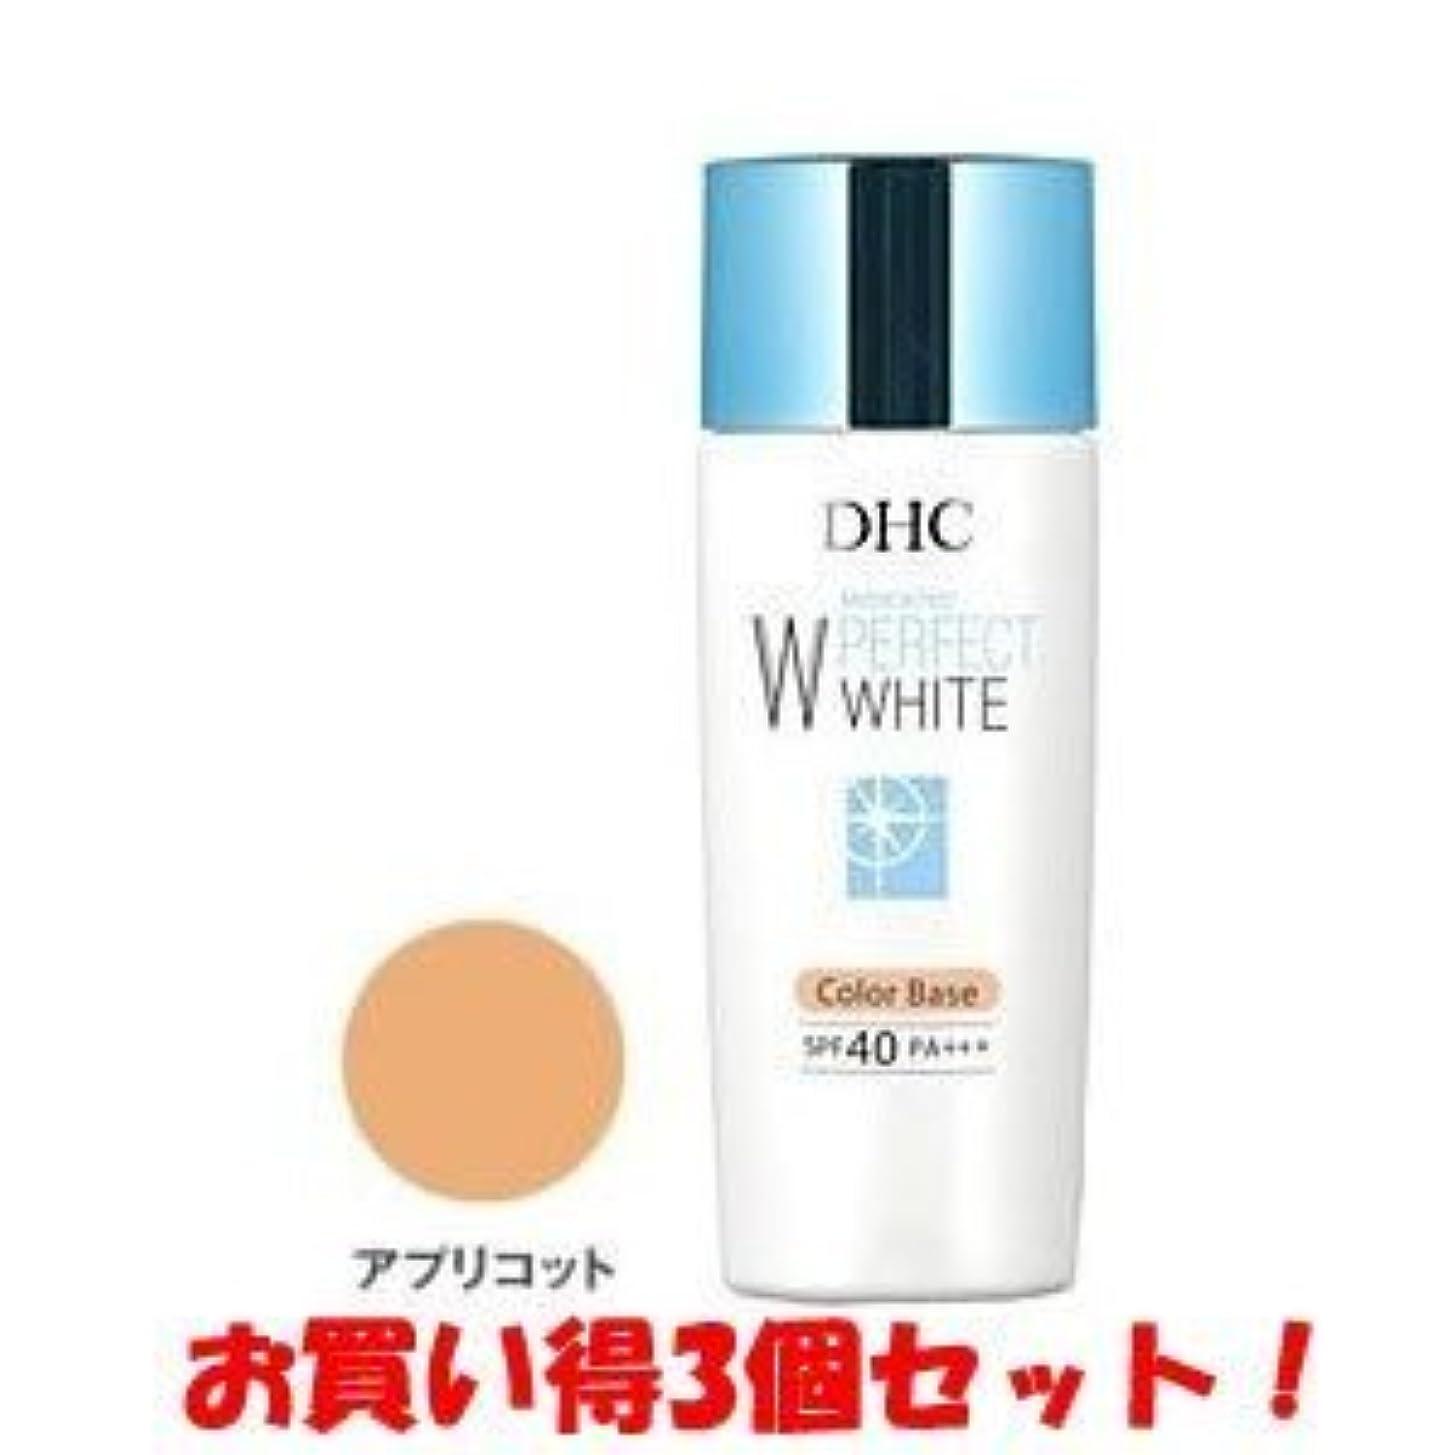 悲惨食料品店空いているDHC 薬用パーフェクトホワイト カラーベース アプリコット 30g(医薬部外品)(お買い得3個セット)